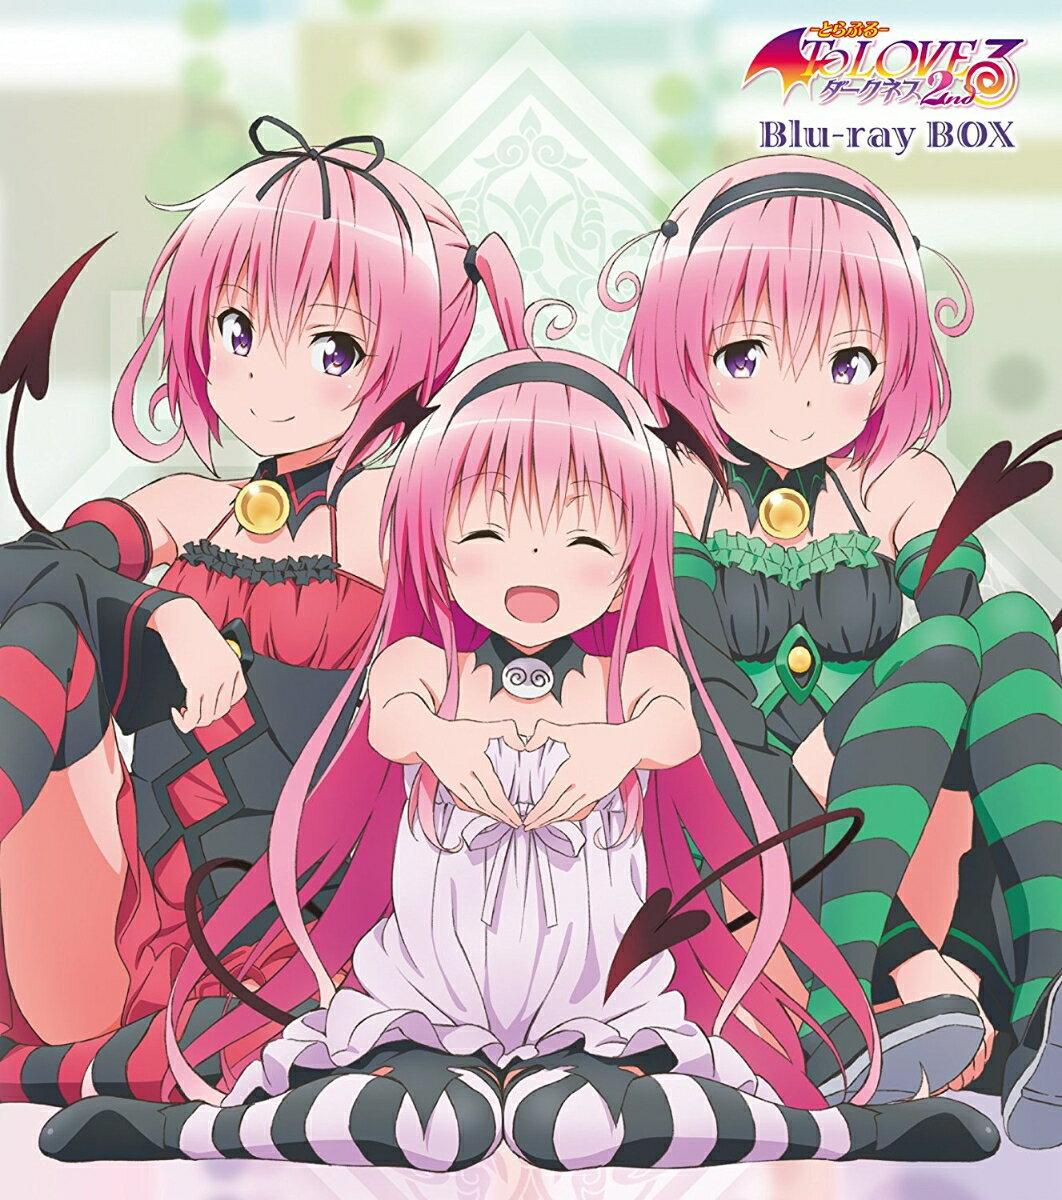 To LOVEるーとらぶるーダークネス2nd Blu-ray BOX【Blu-ray】画像